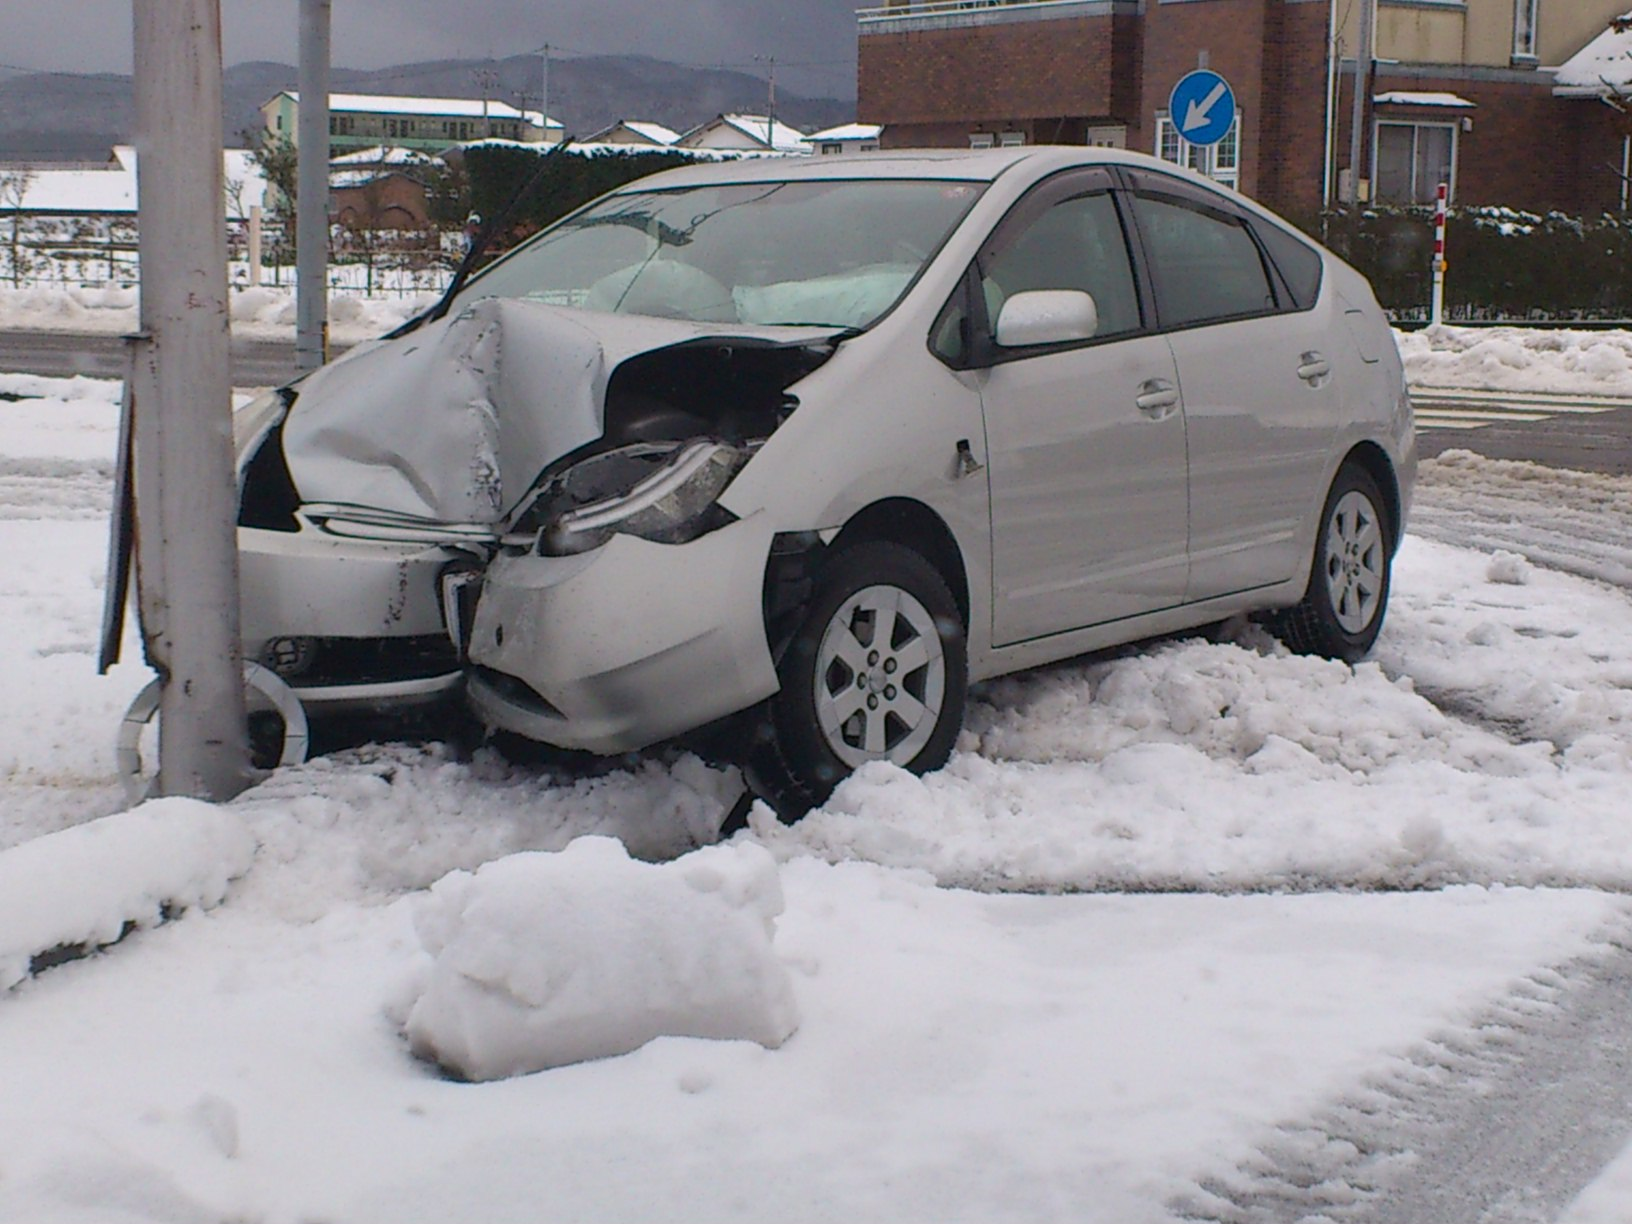 ノーマルタイヤ雪道走るとどうなる?違反うっすらでも危険!動画検証